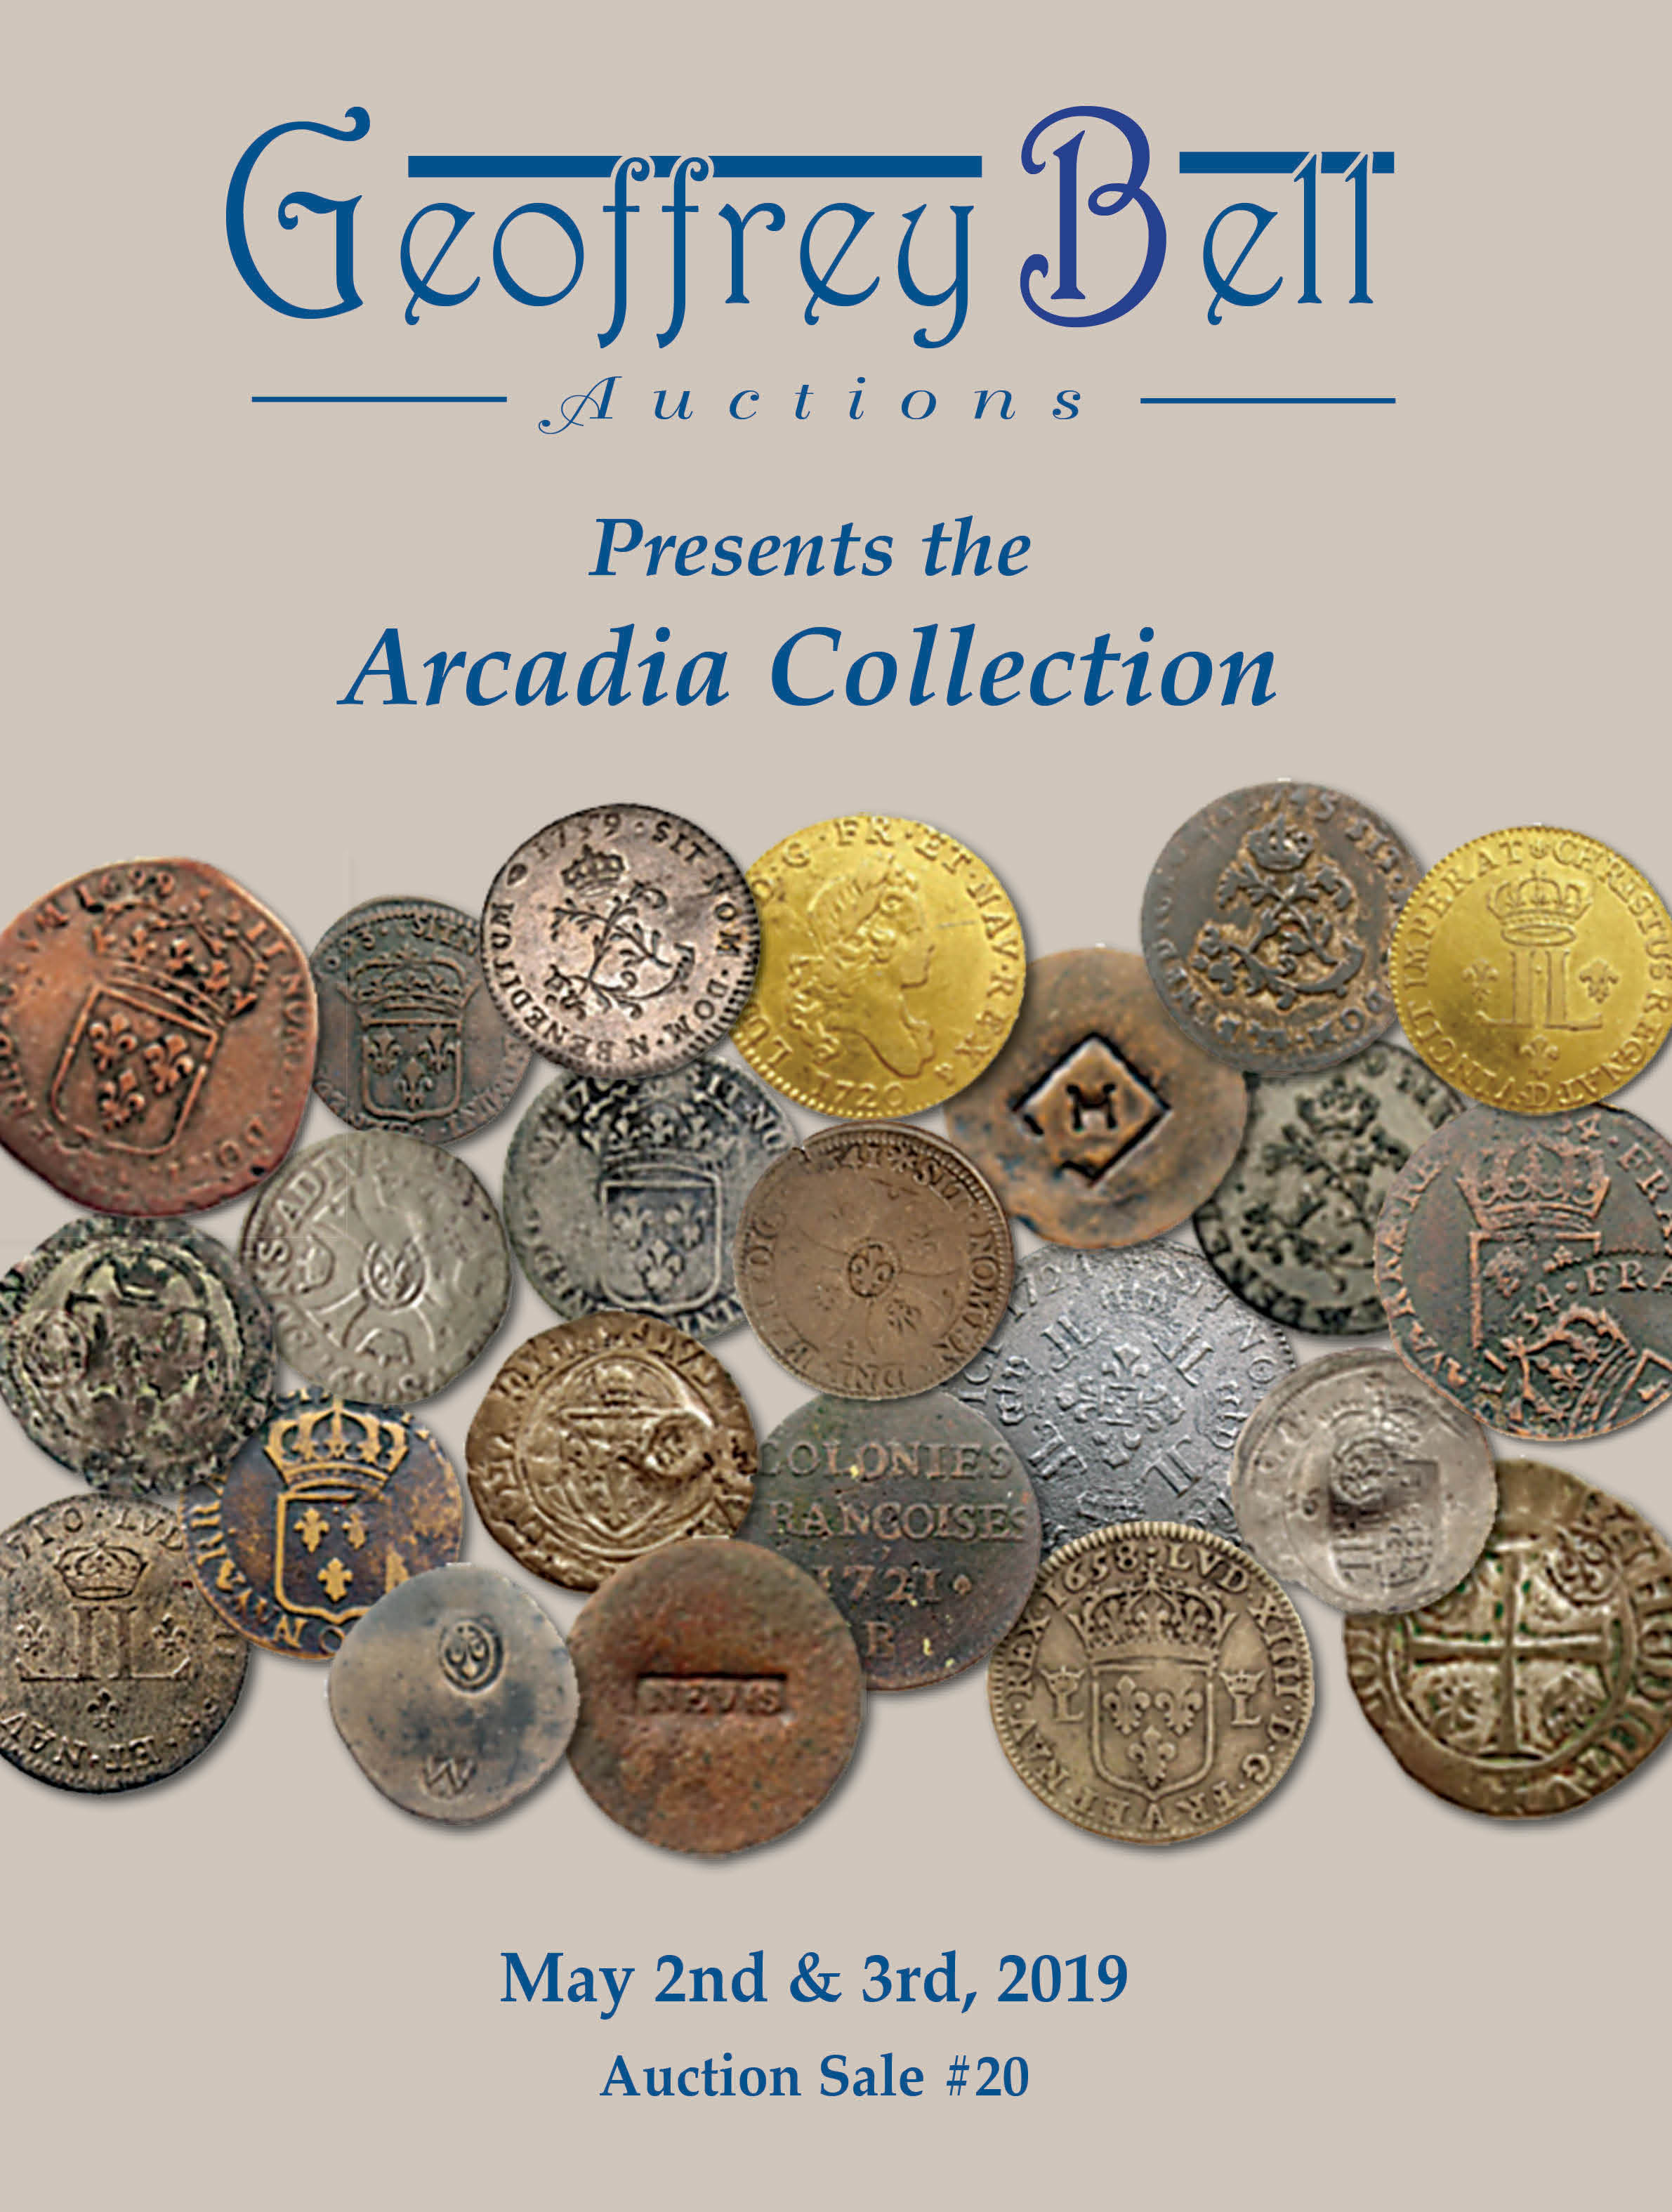 Arcadia Coin Show